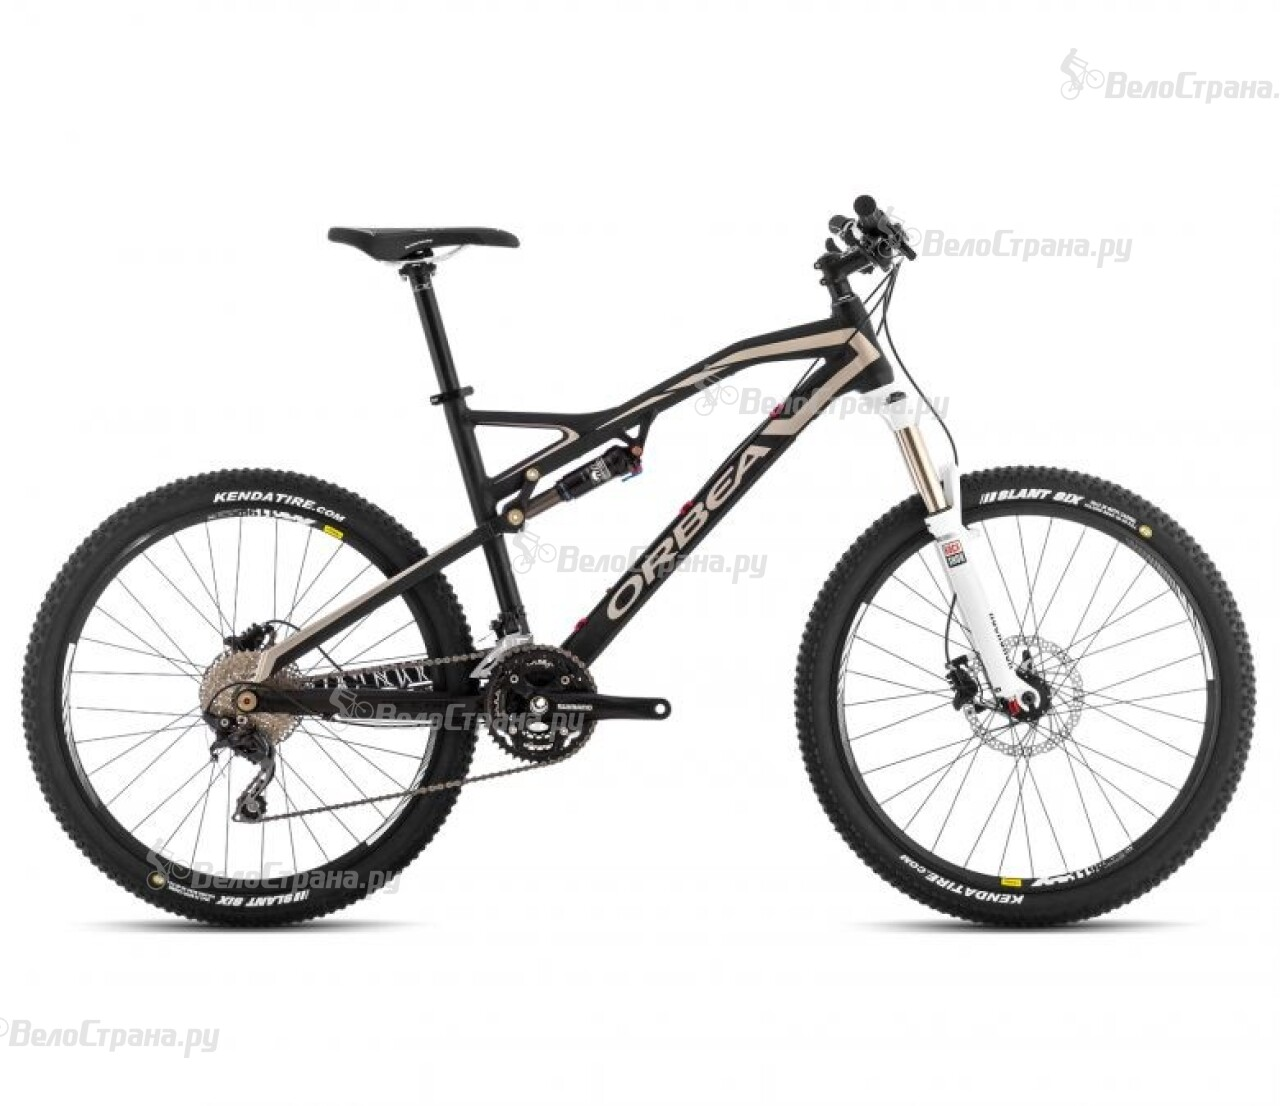 Велосипед Orbea Occam H50 (2014) велосипед wheeler protron 50 2014